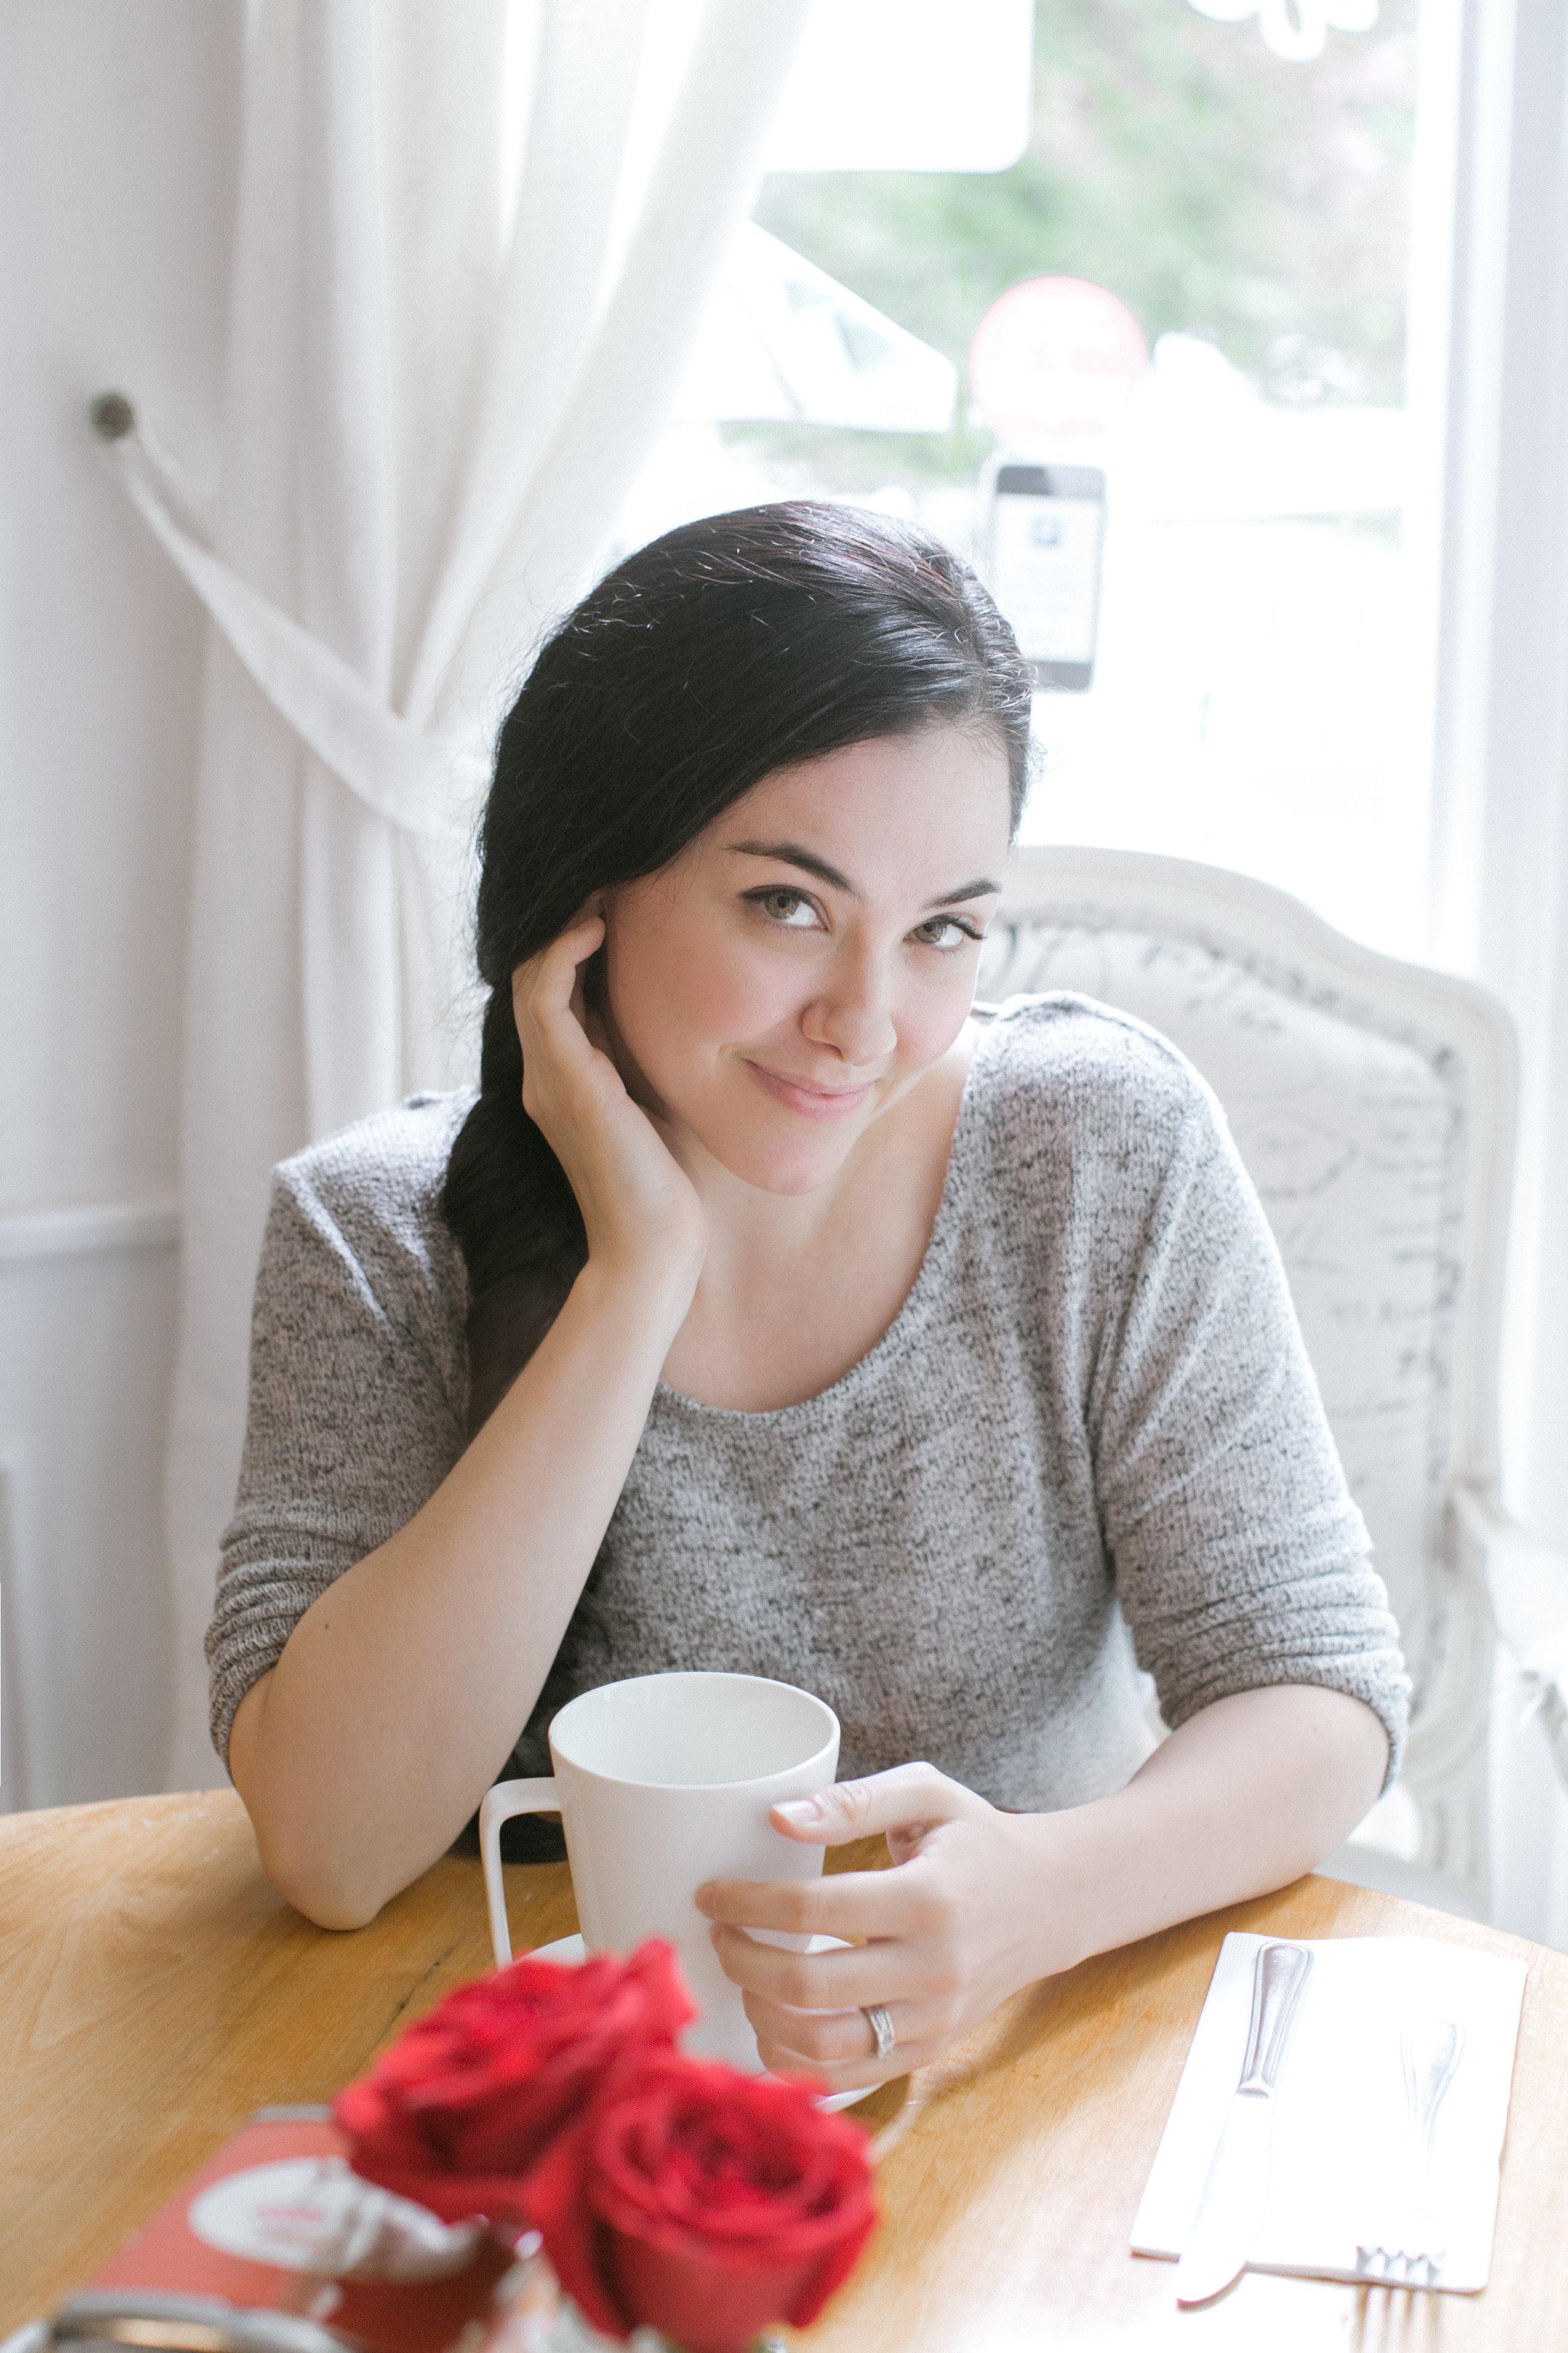 Professional Sarah Hunter